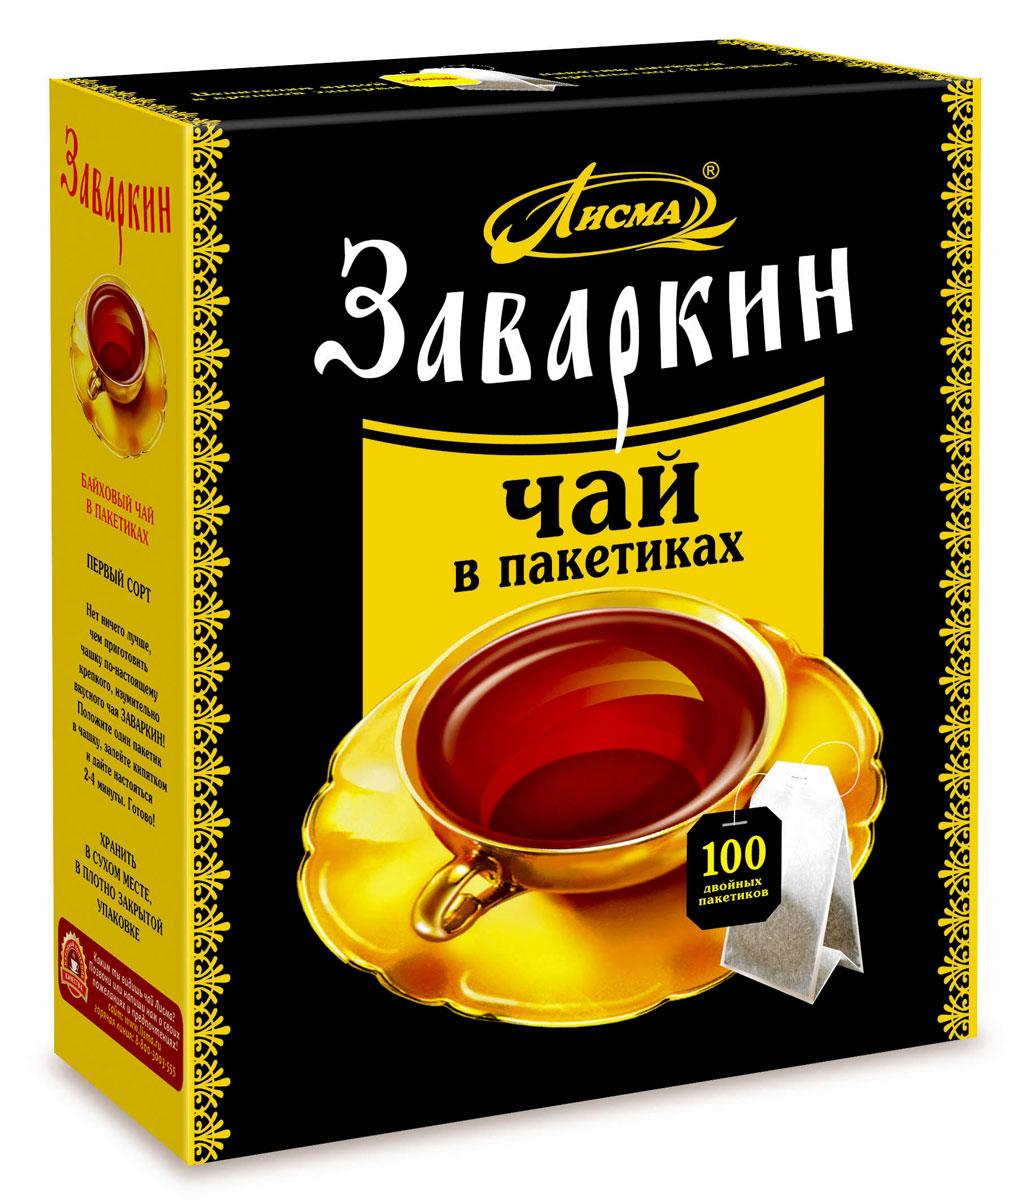 Лисма Заваркин черный чай в пакетиках, 100 шт майский отборный черный чай в пакетиках 100 шт